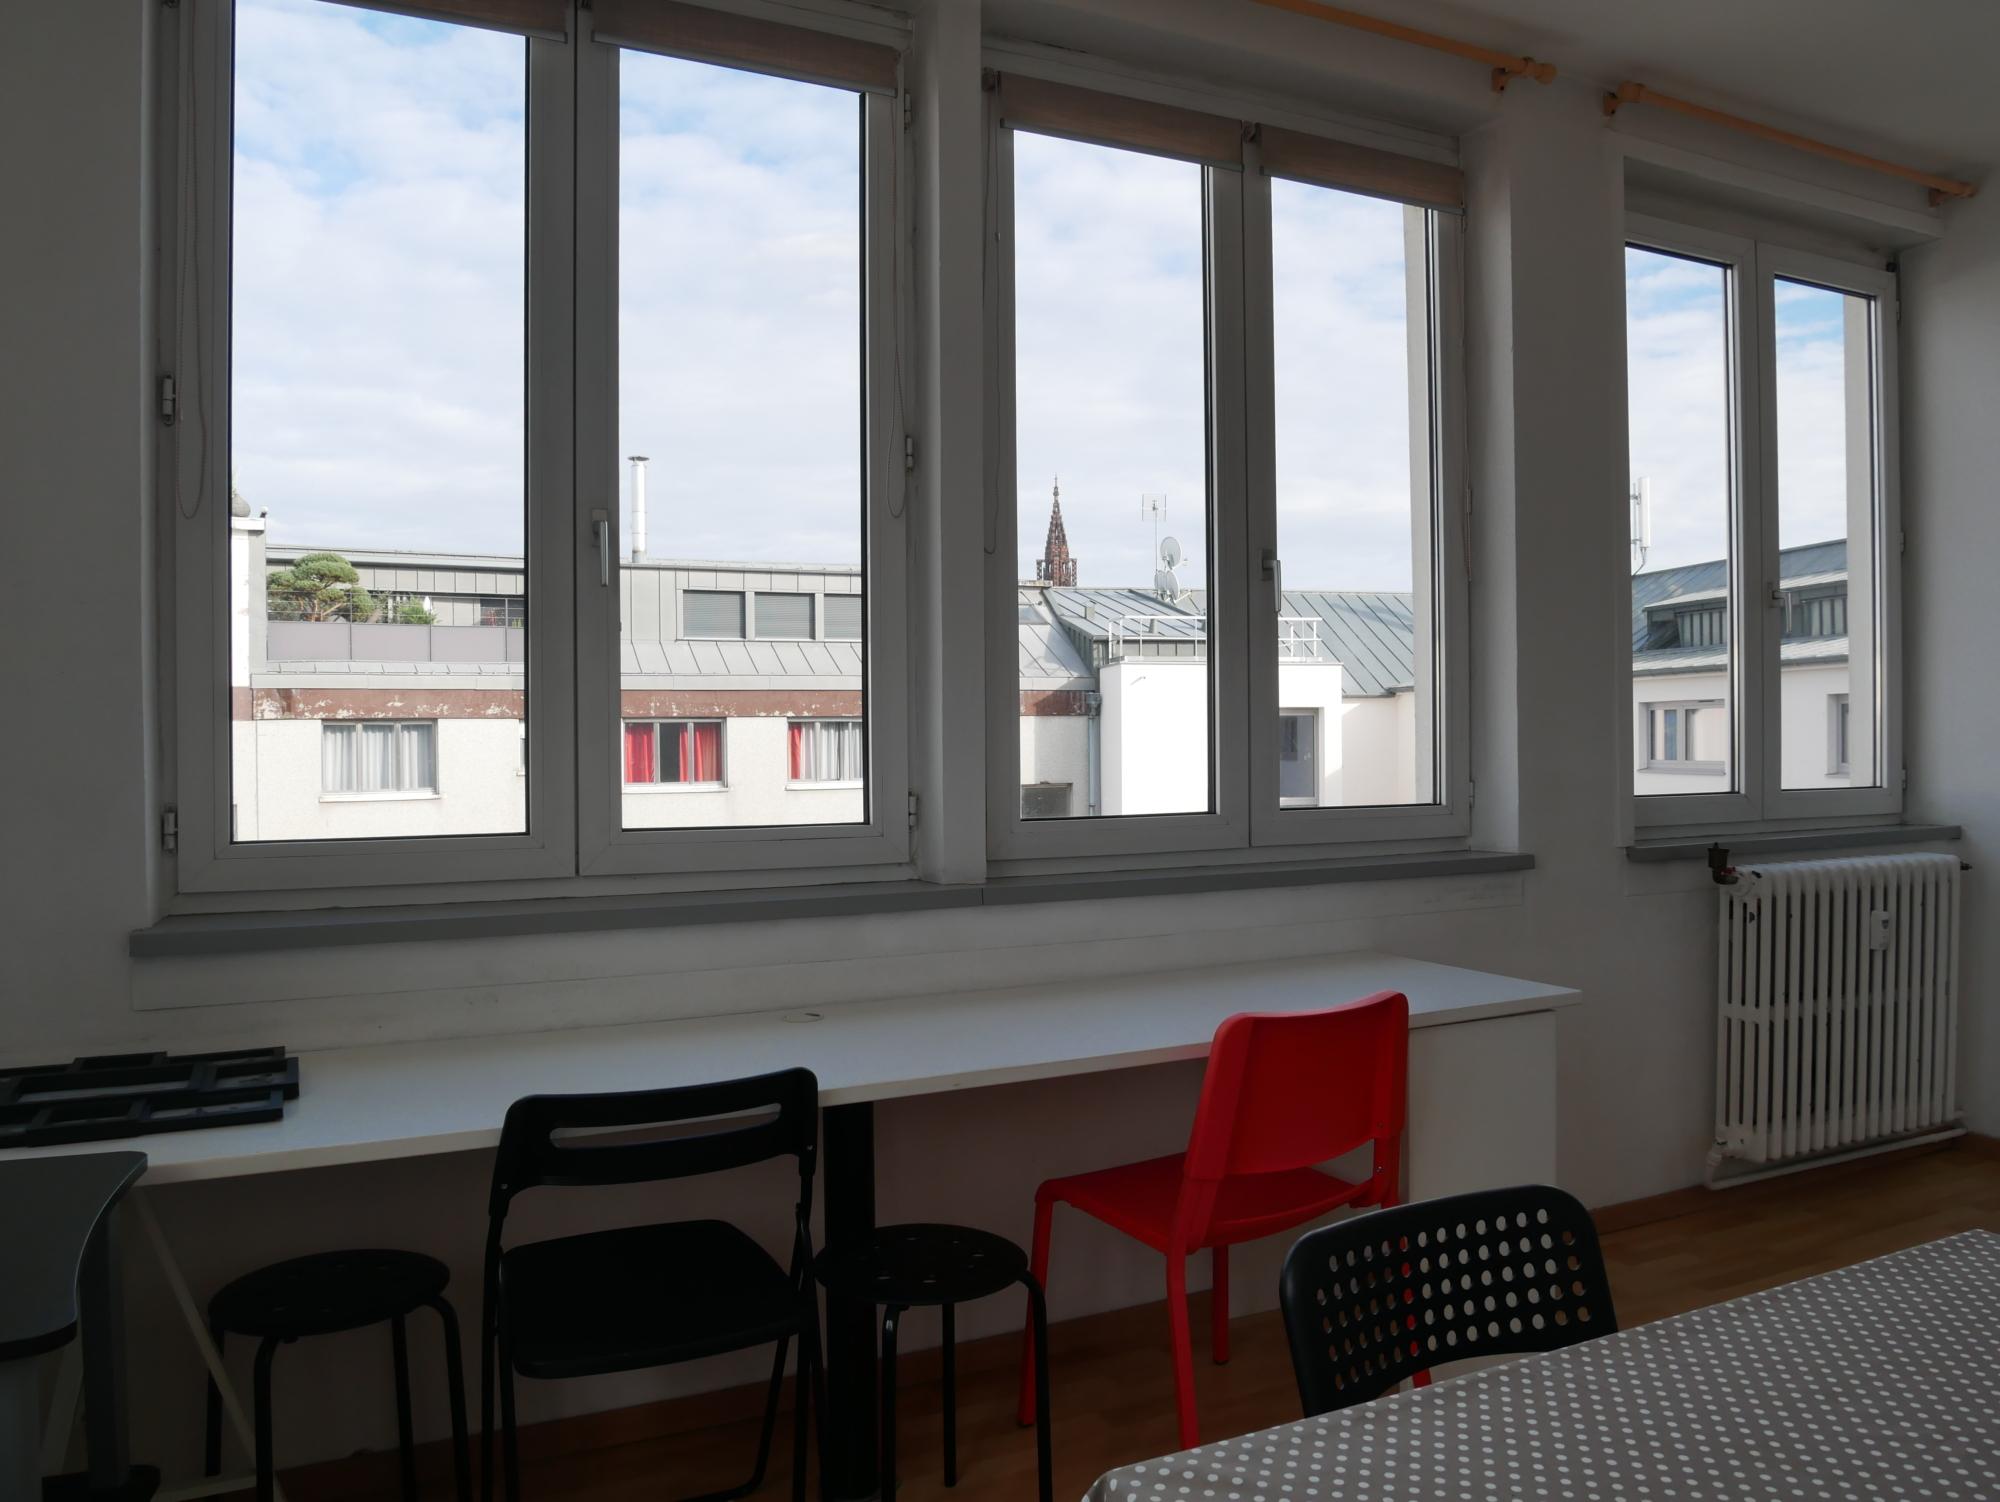 [BelleVue] 2pièces meublé en duplex - Hypercentre / rue du 22 Novembre - nos locations - Beausite Immobilier 2